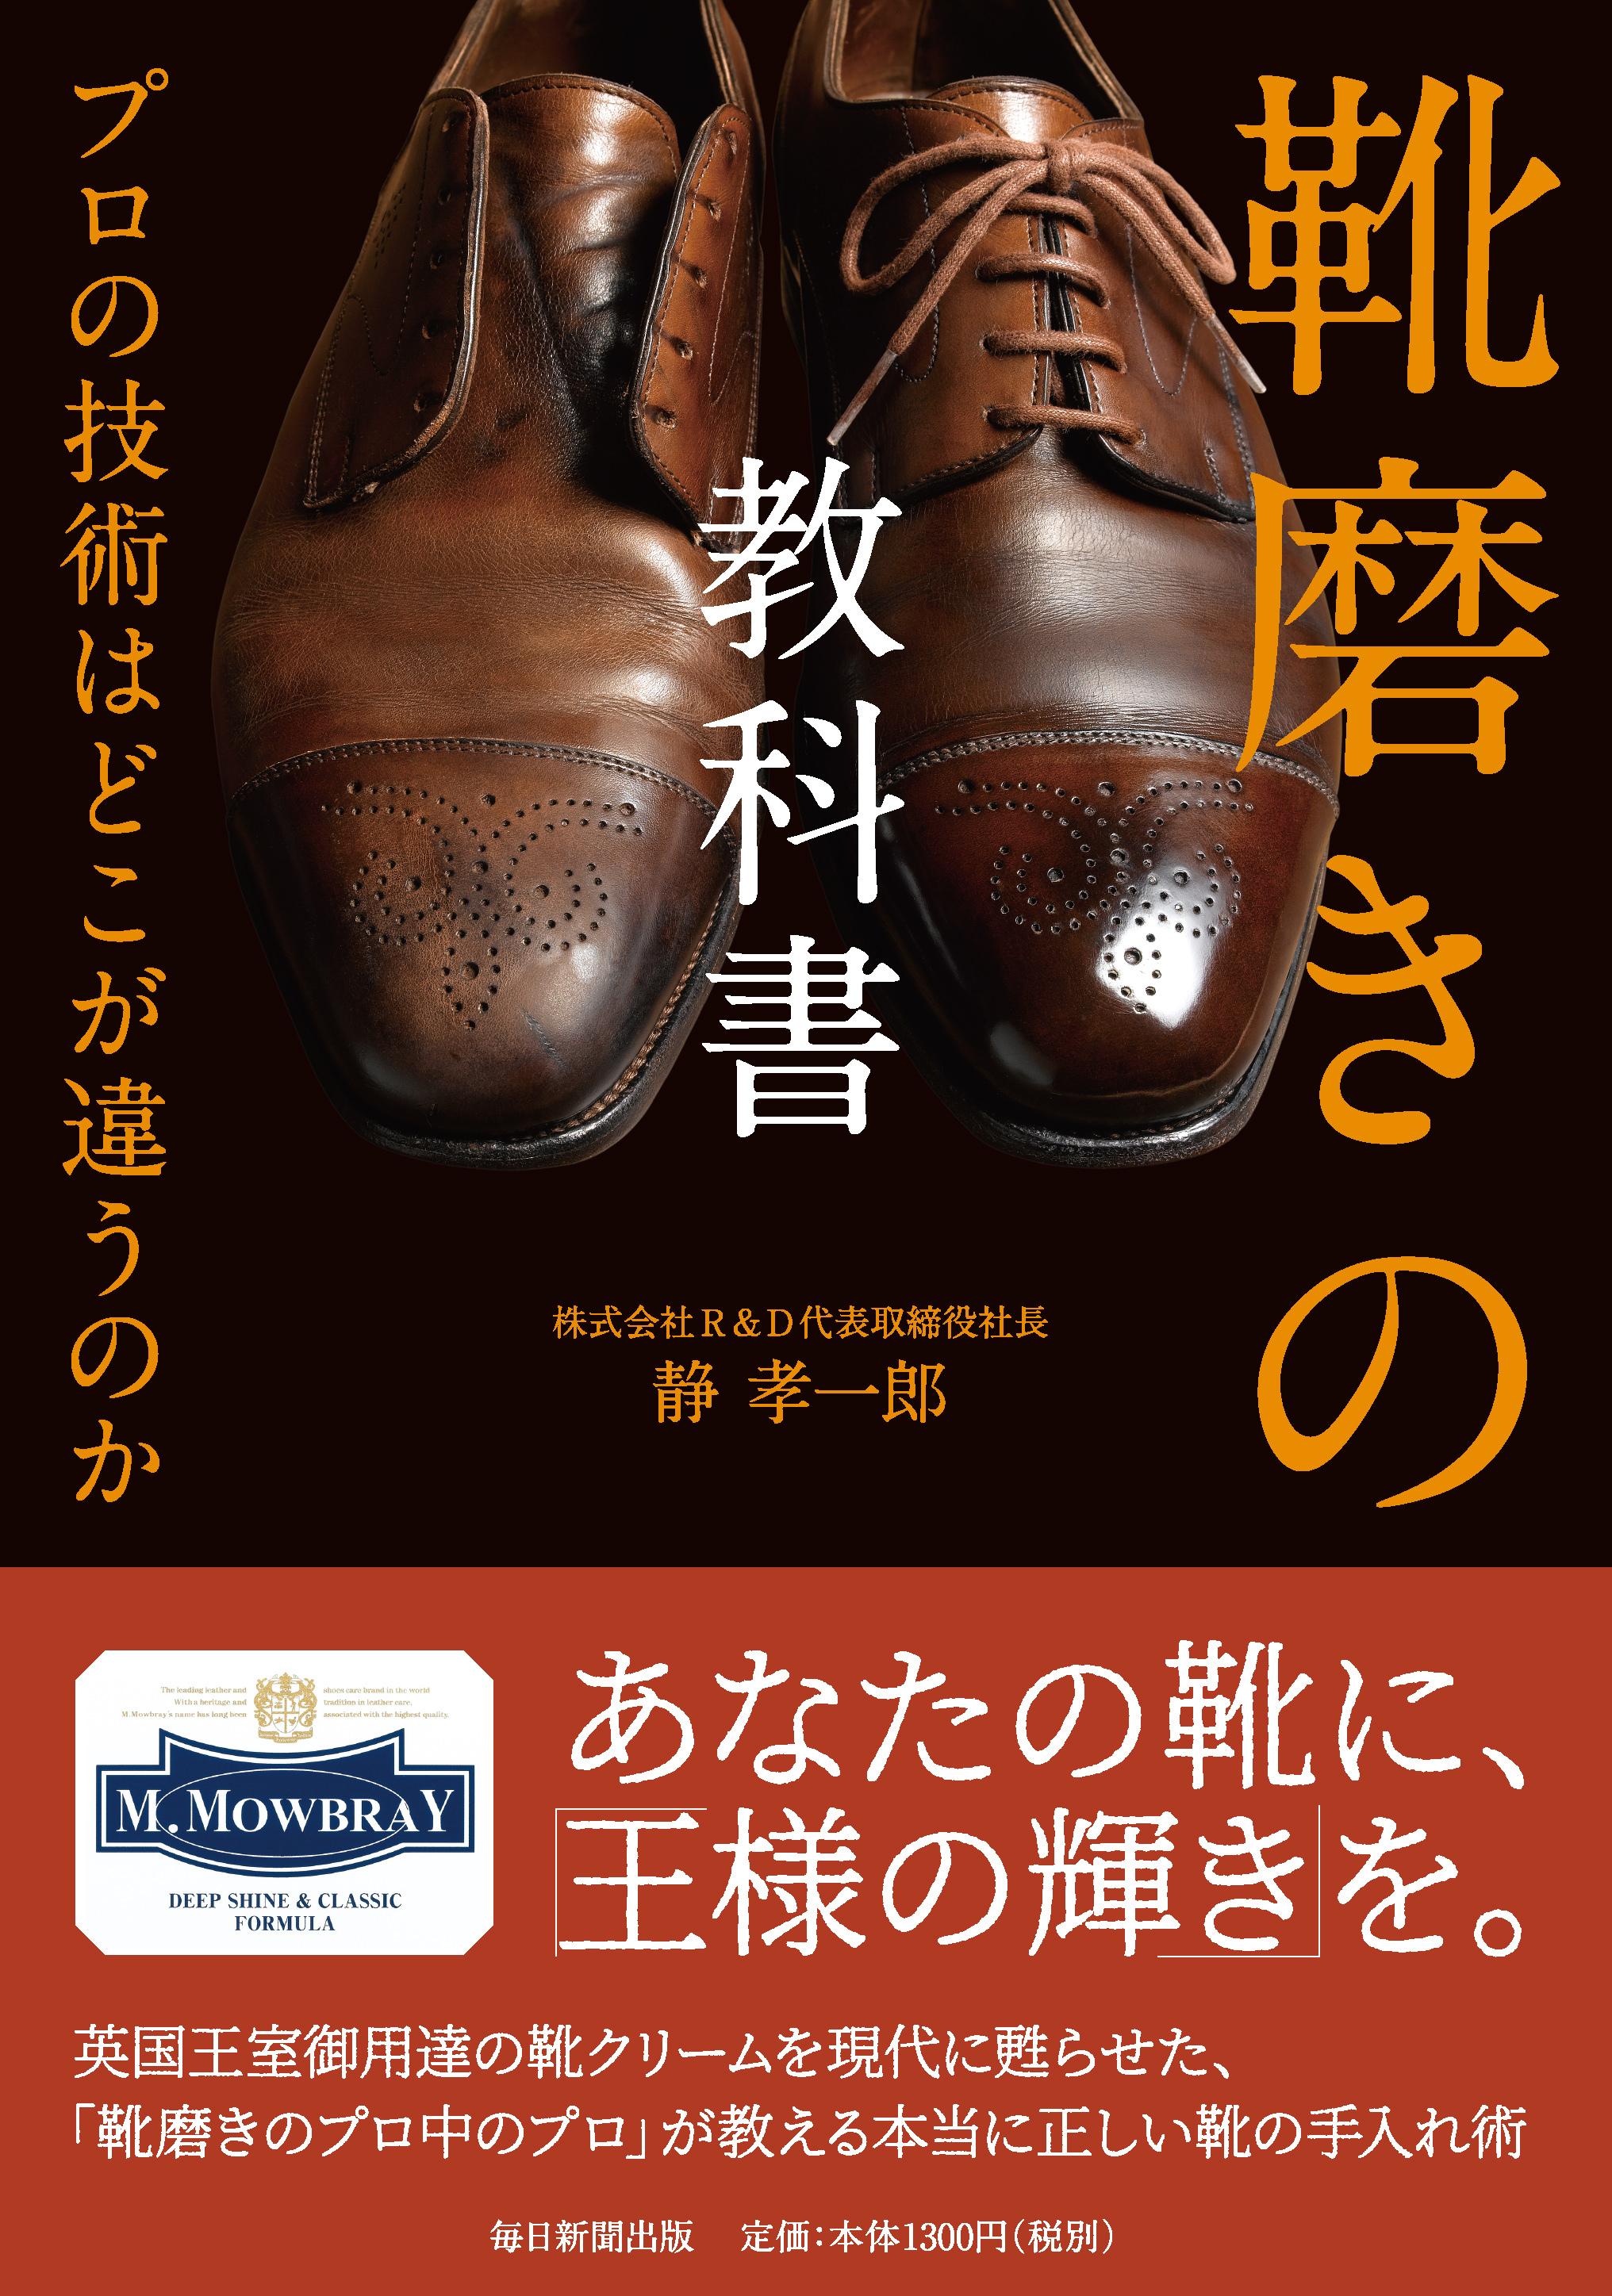 書影:靴磨きの教科書 プロの技術はどこが違うのか